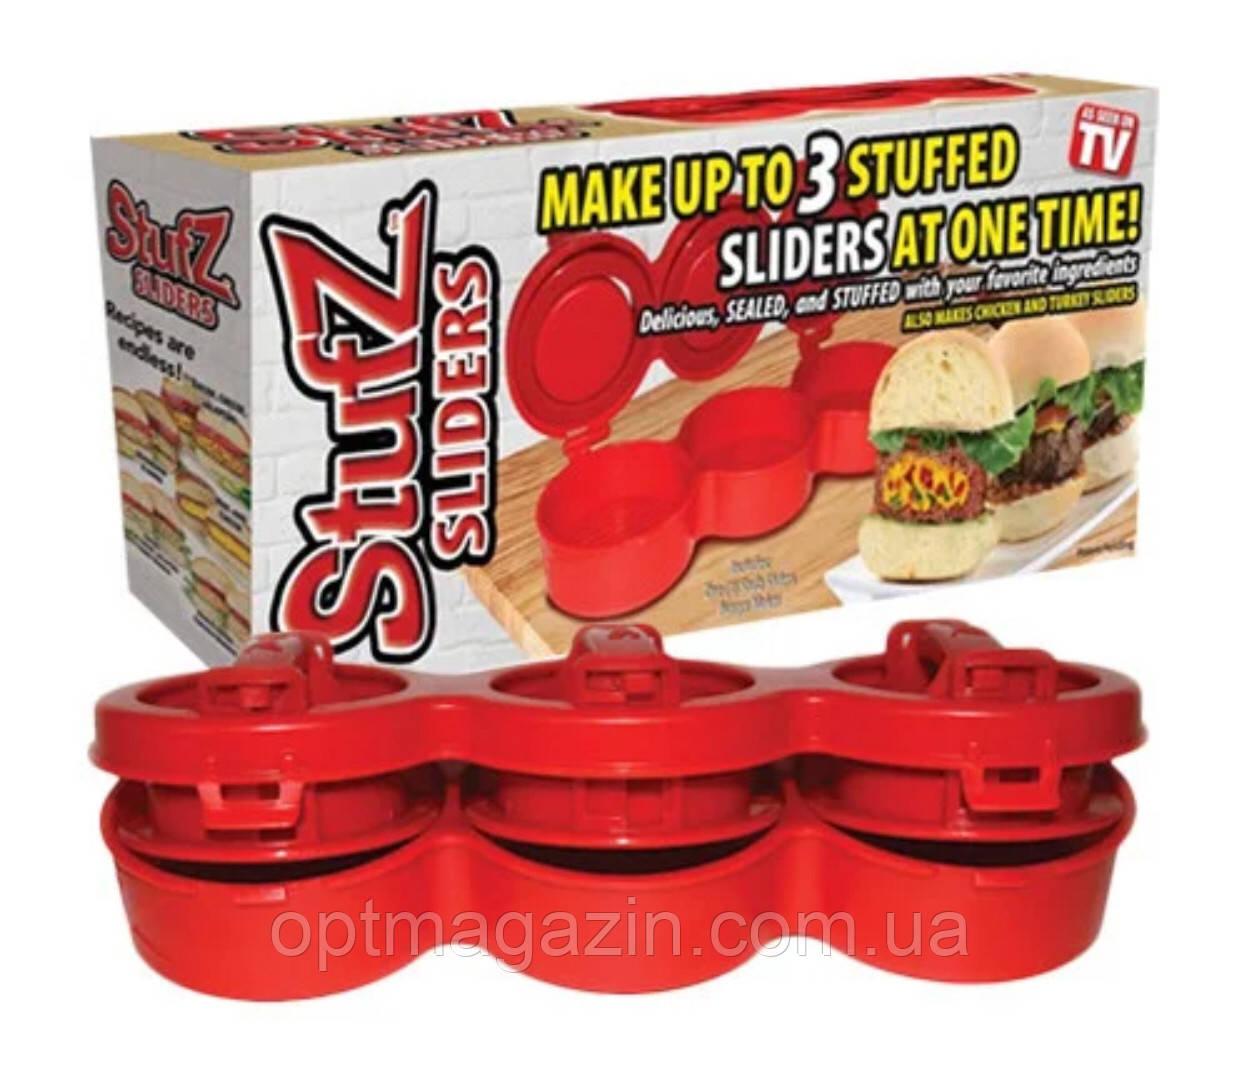 Ручний прес для приготування гамбургерів Stufz Sliders, прилад для бургерів Стафз Слайдерс